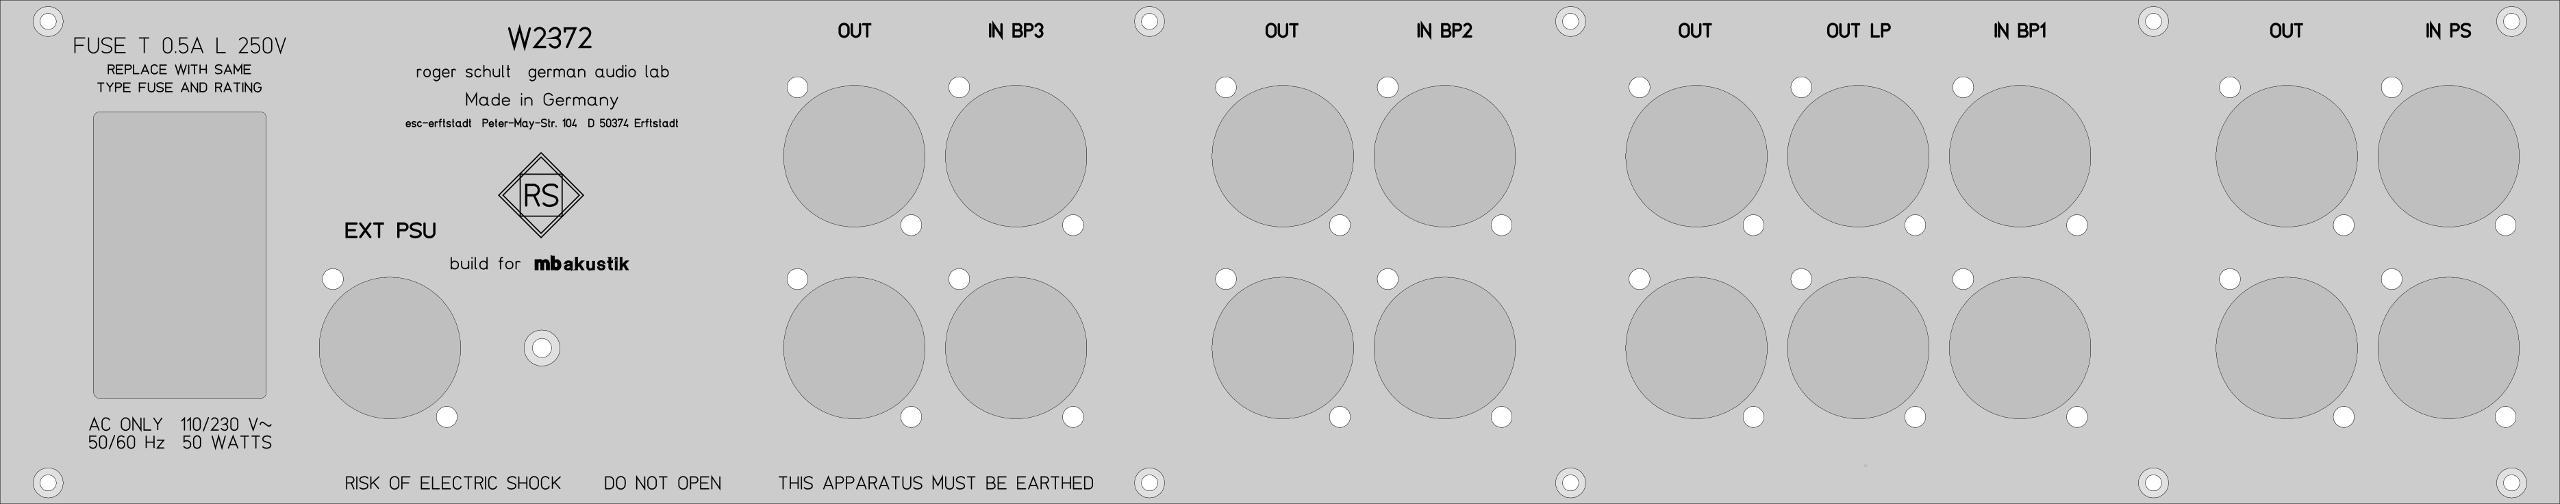 Rückansicht von links nach rechts: Netzanschluss, jeweils für den linken und rechten Kanal getrennte Ein- und Ausgänge der drei Bandpässe, zusätzlich für den ersten Bandpass BP1 noch Ausgänge für die tiefpassgefilterten Signale zur Ansteuerung der Subwoofer, Ein- und Ausgänge des Phasenstellglieds. Für maximale Flexibilität sind alle Ein- und Ausgänge der Komponenten einzeln ausgeführt.